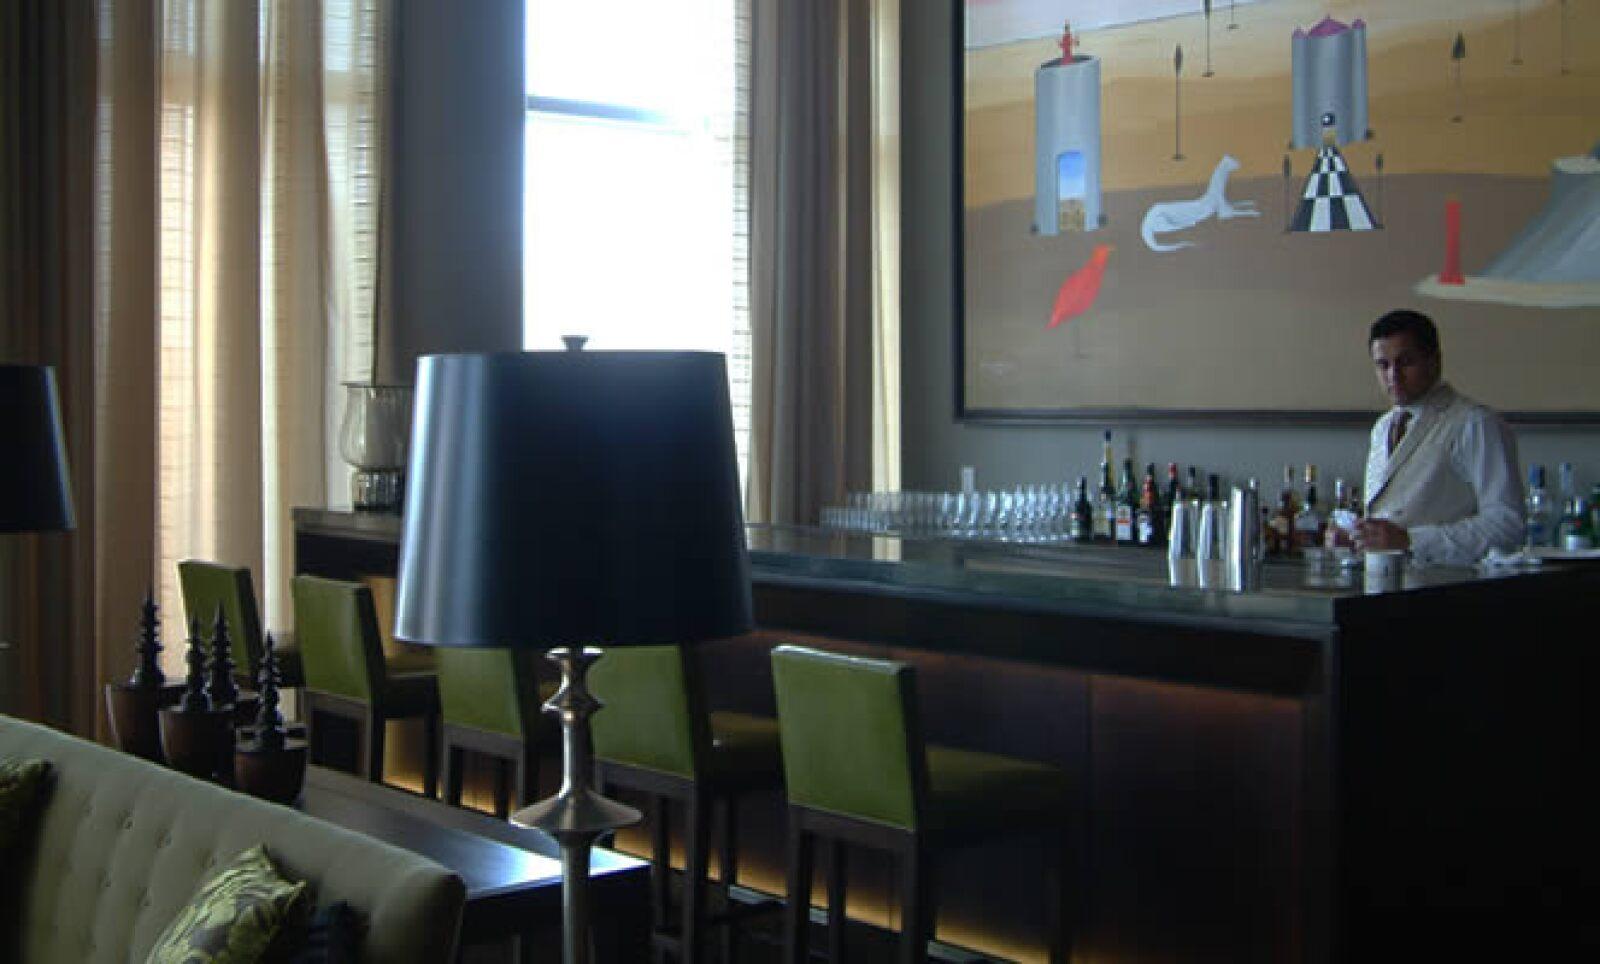 El King Cole Bar, nació en Nueva York en 1900 junto con St. Regis, y ahora llega a la ciudad de México.